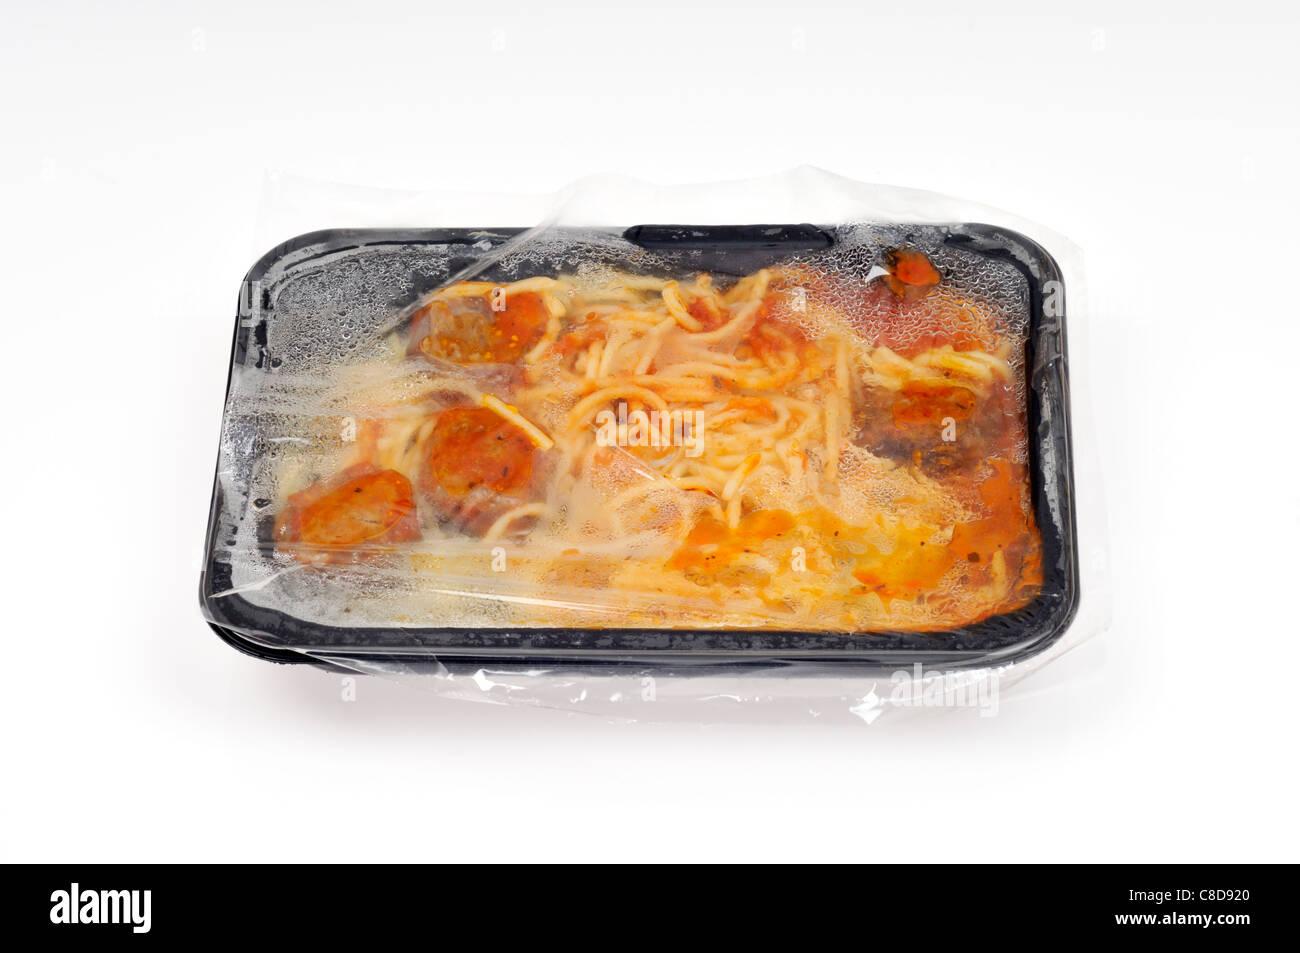 Fach von heiß gekocht Mikrowelle Spaghetti mit Fleischbällchen Fertiggerichte mit Kunststoff Fach & Stockbild